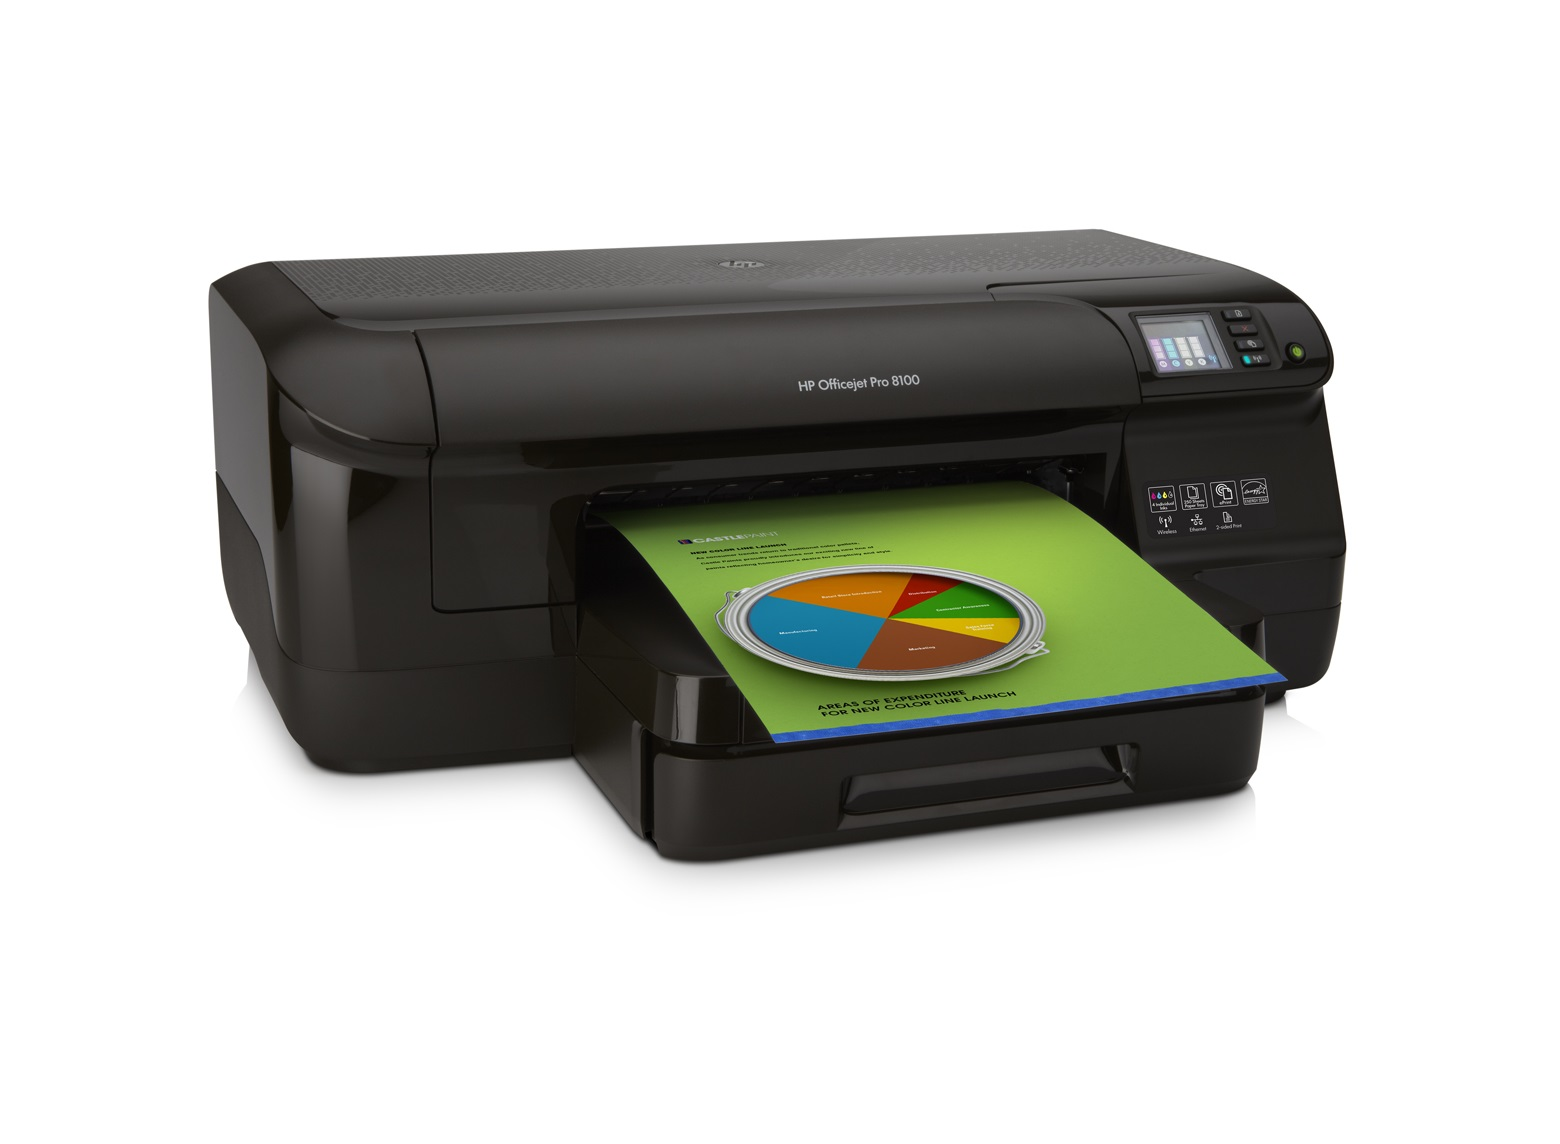 Coste por página en impresoras de tinta de gama básica (II)